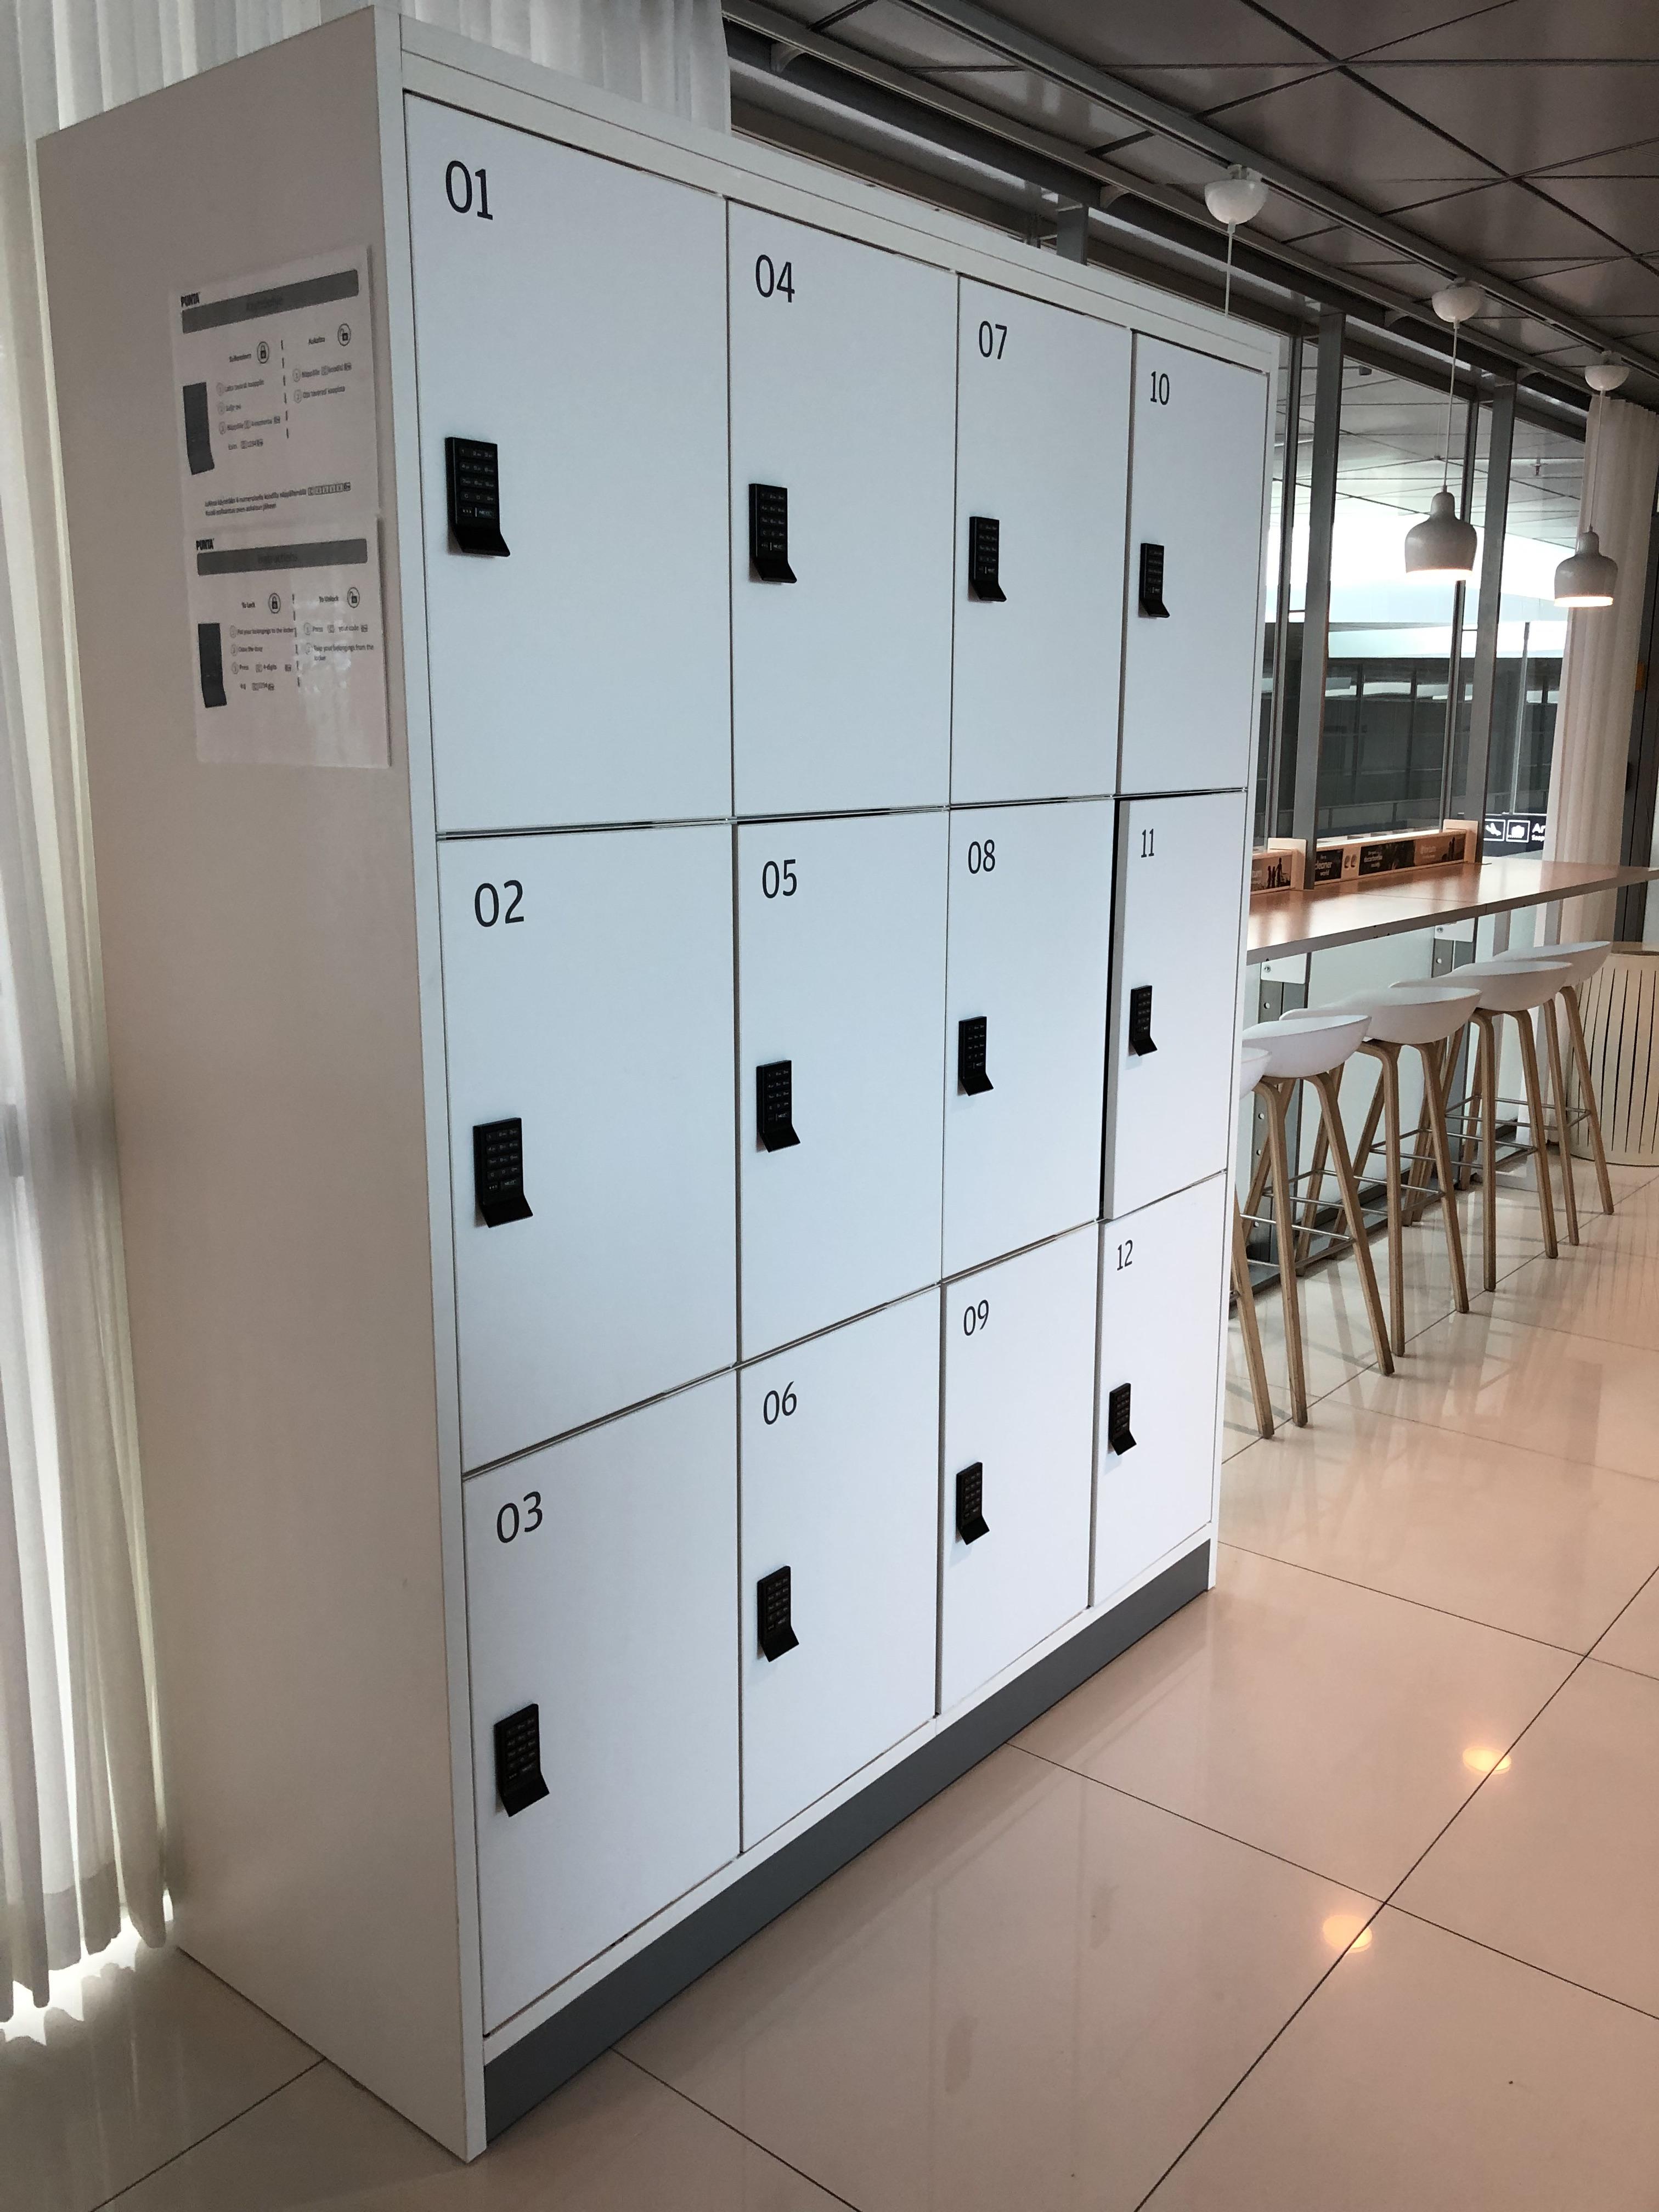 Finnair Business Class Lounge Helsinki storage lockers